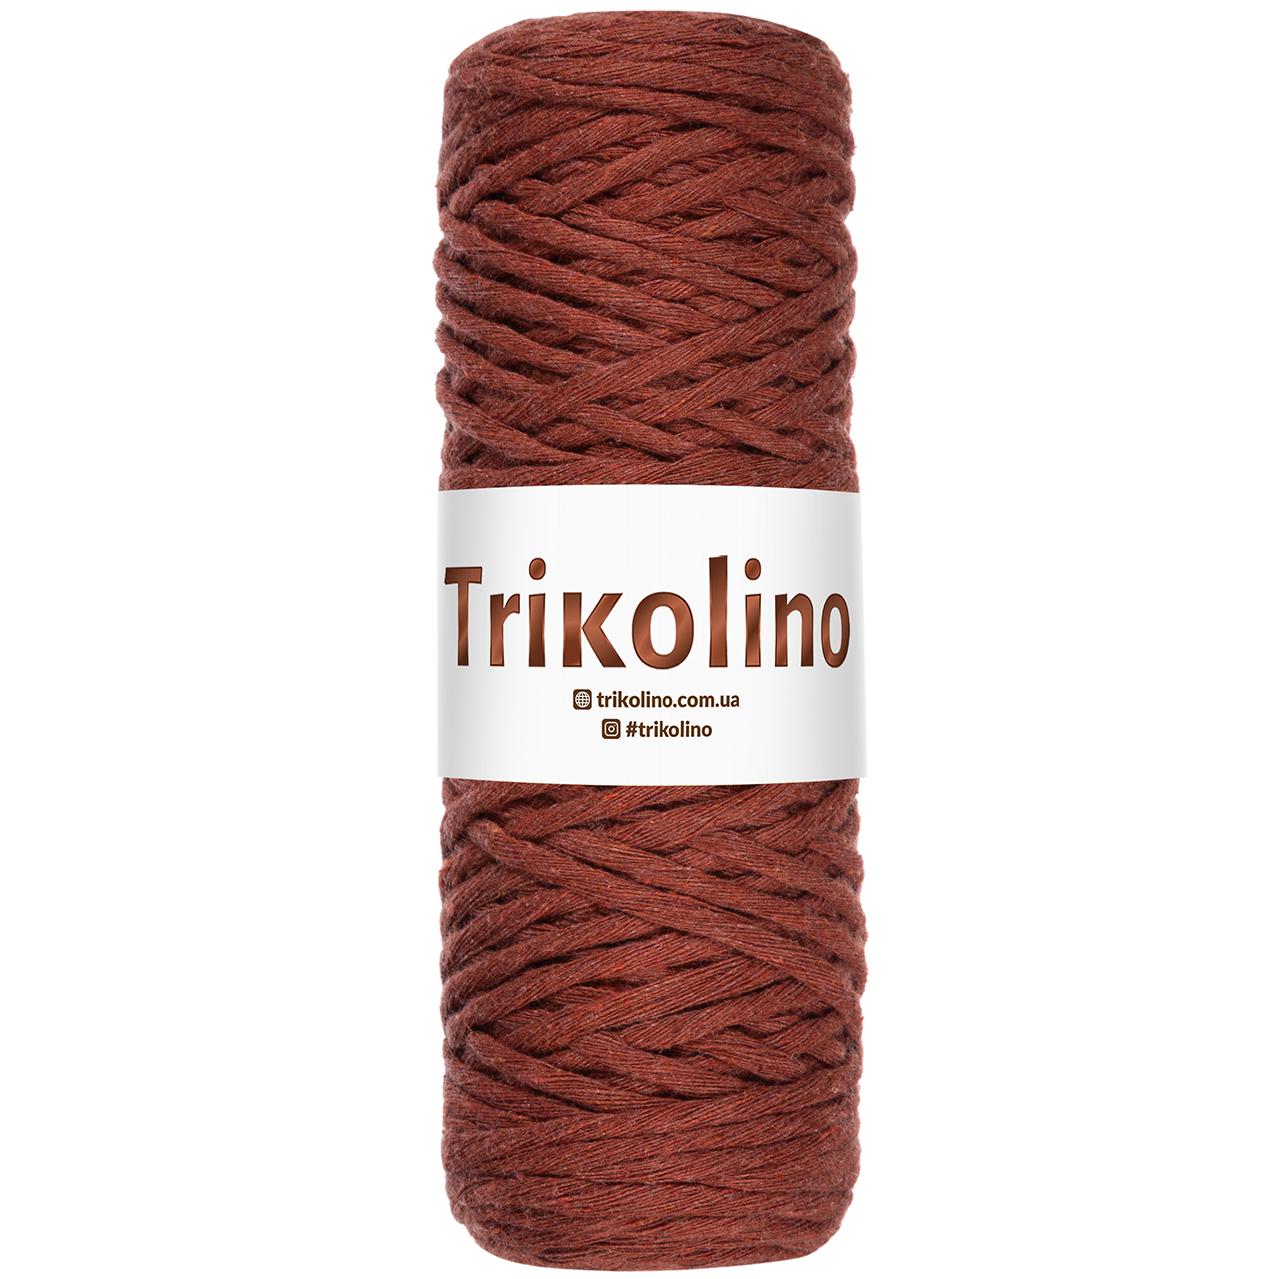 Шнур для макраме Trikolino Терракота 4-6мм